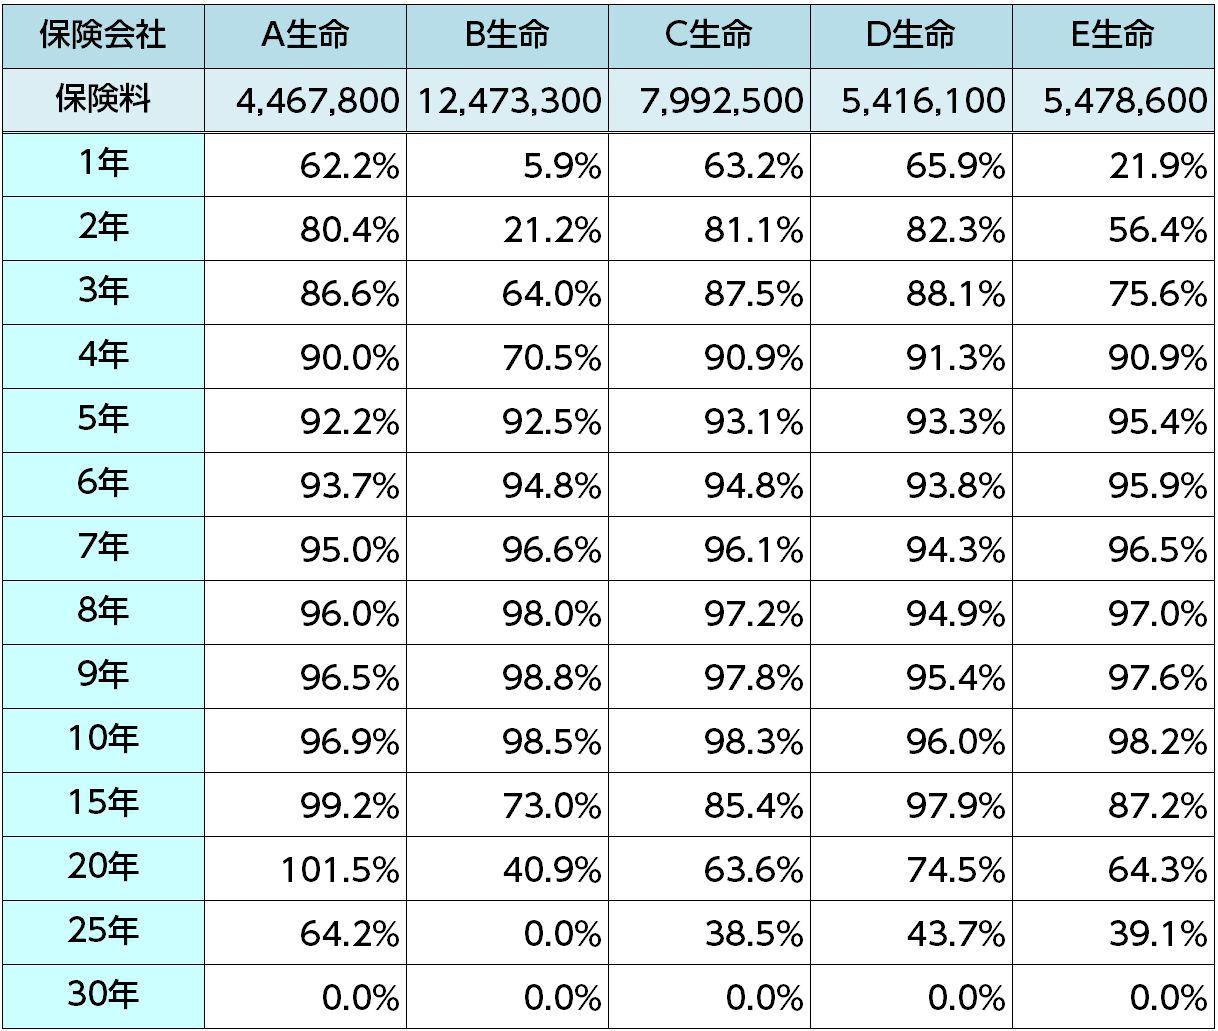 40歳男性返戻率比較表